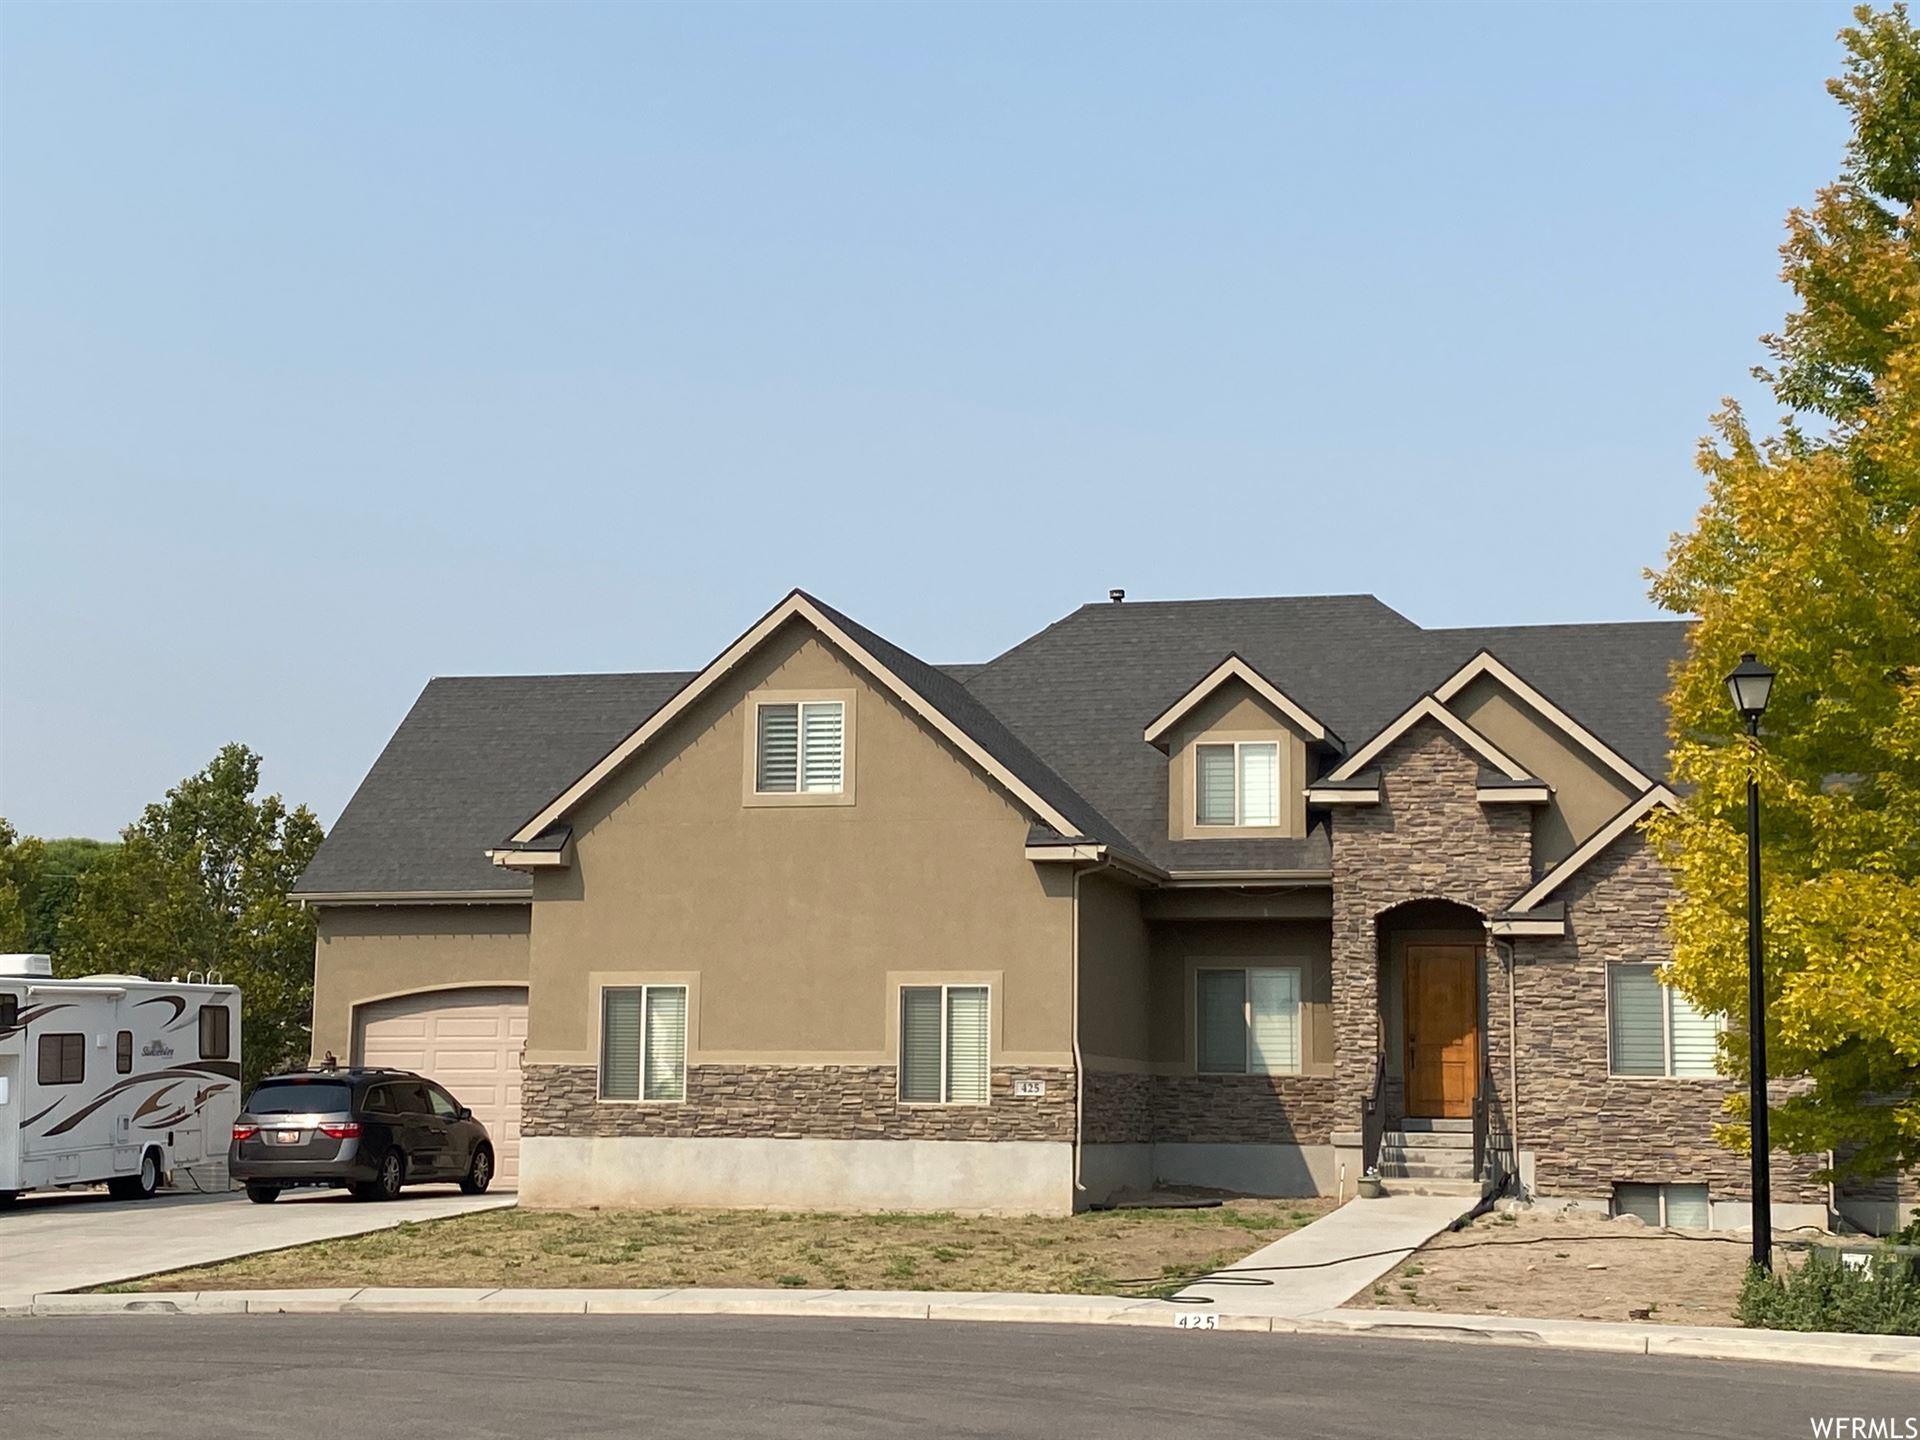 Photo of 425 N 1060 W, Lehi, UT 84043 (MLS # 1769726)